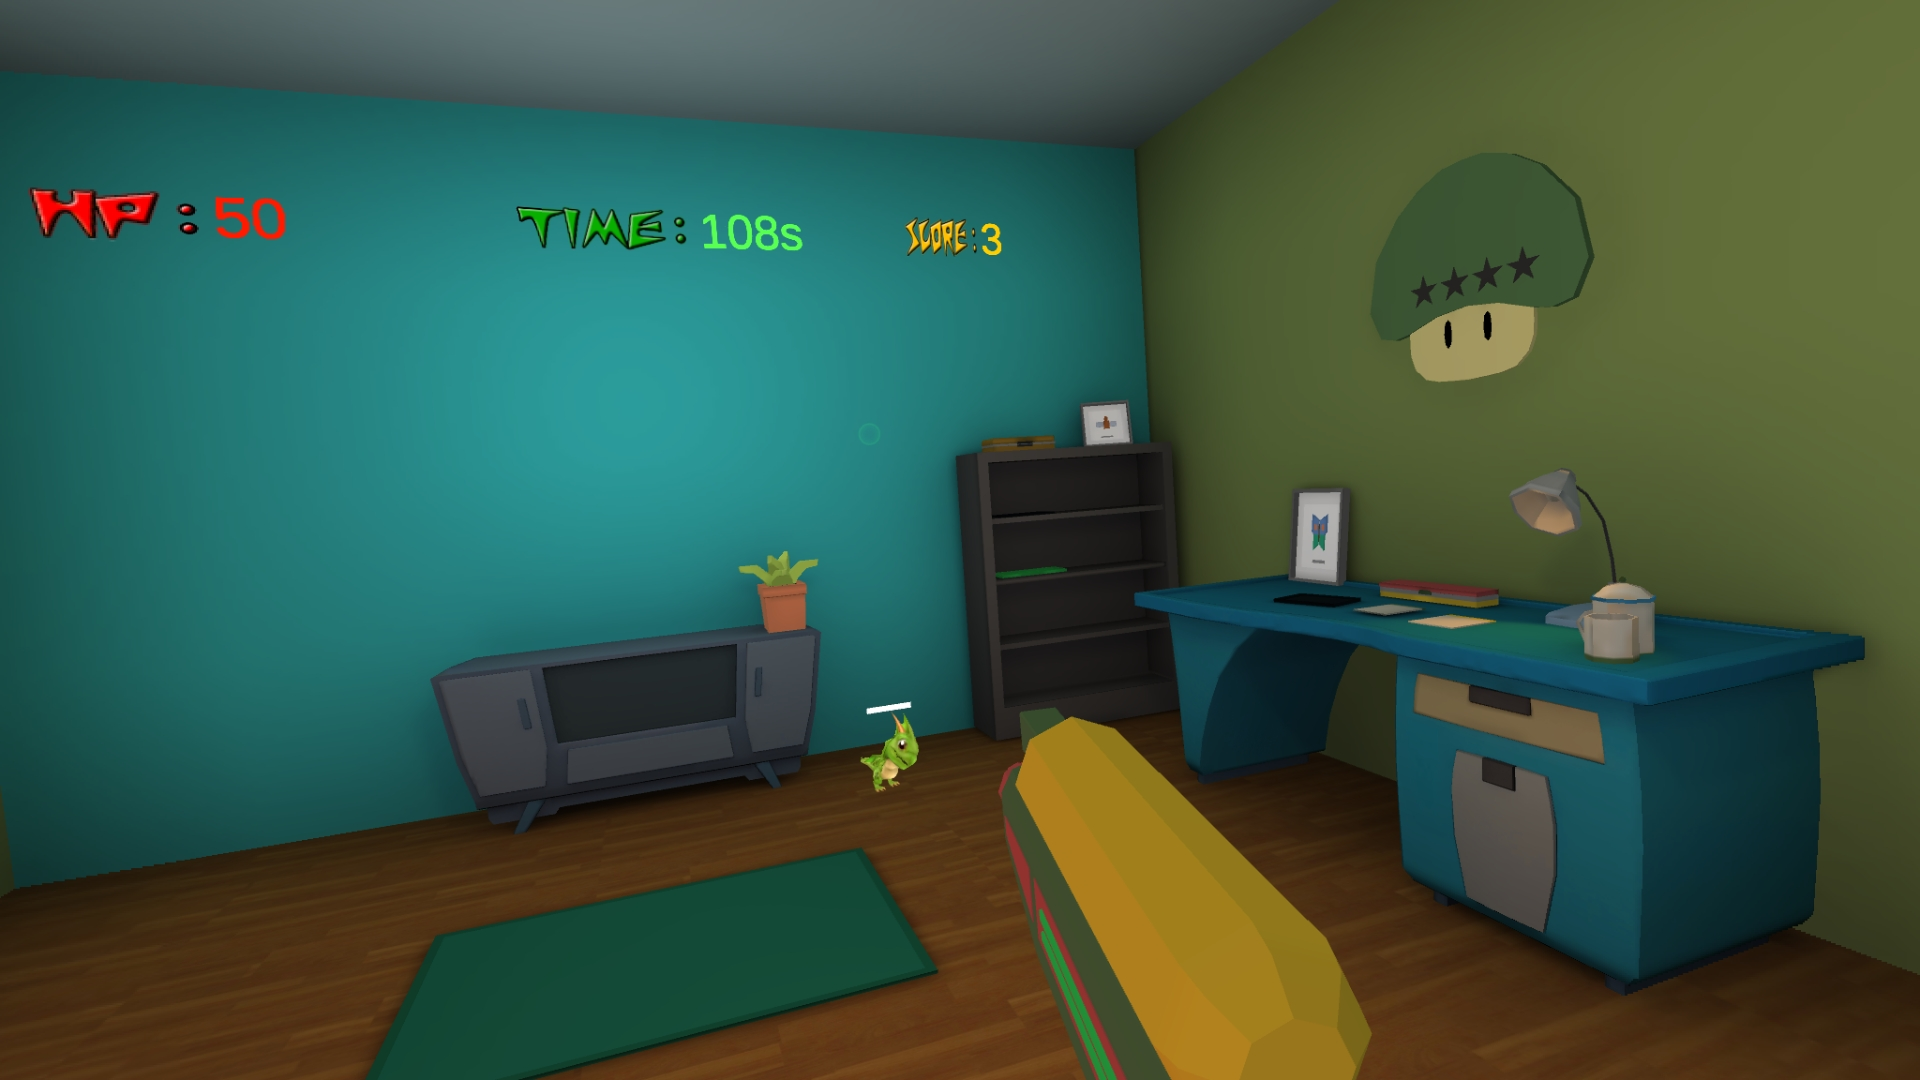 Screenshot_com.Pico.DinoCrisis_2021.06.21-15.21.04.jpeg